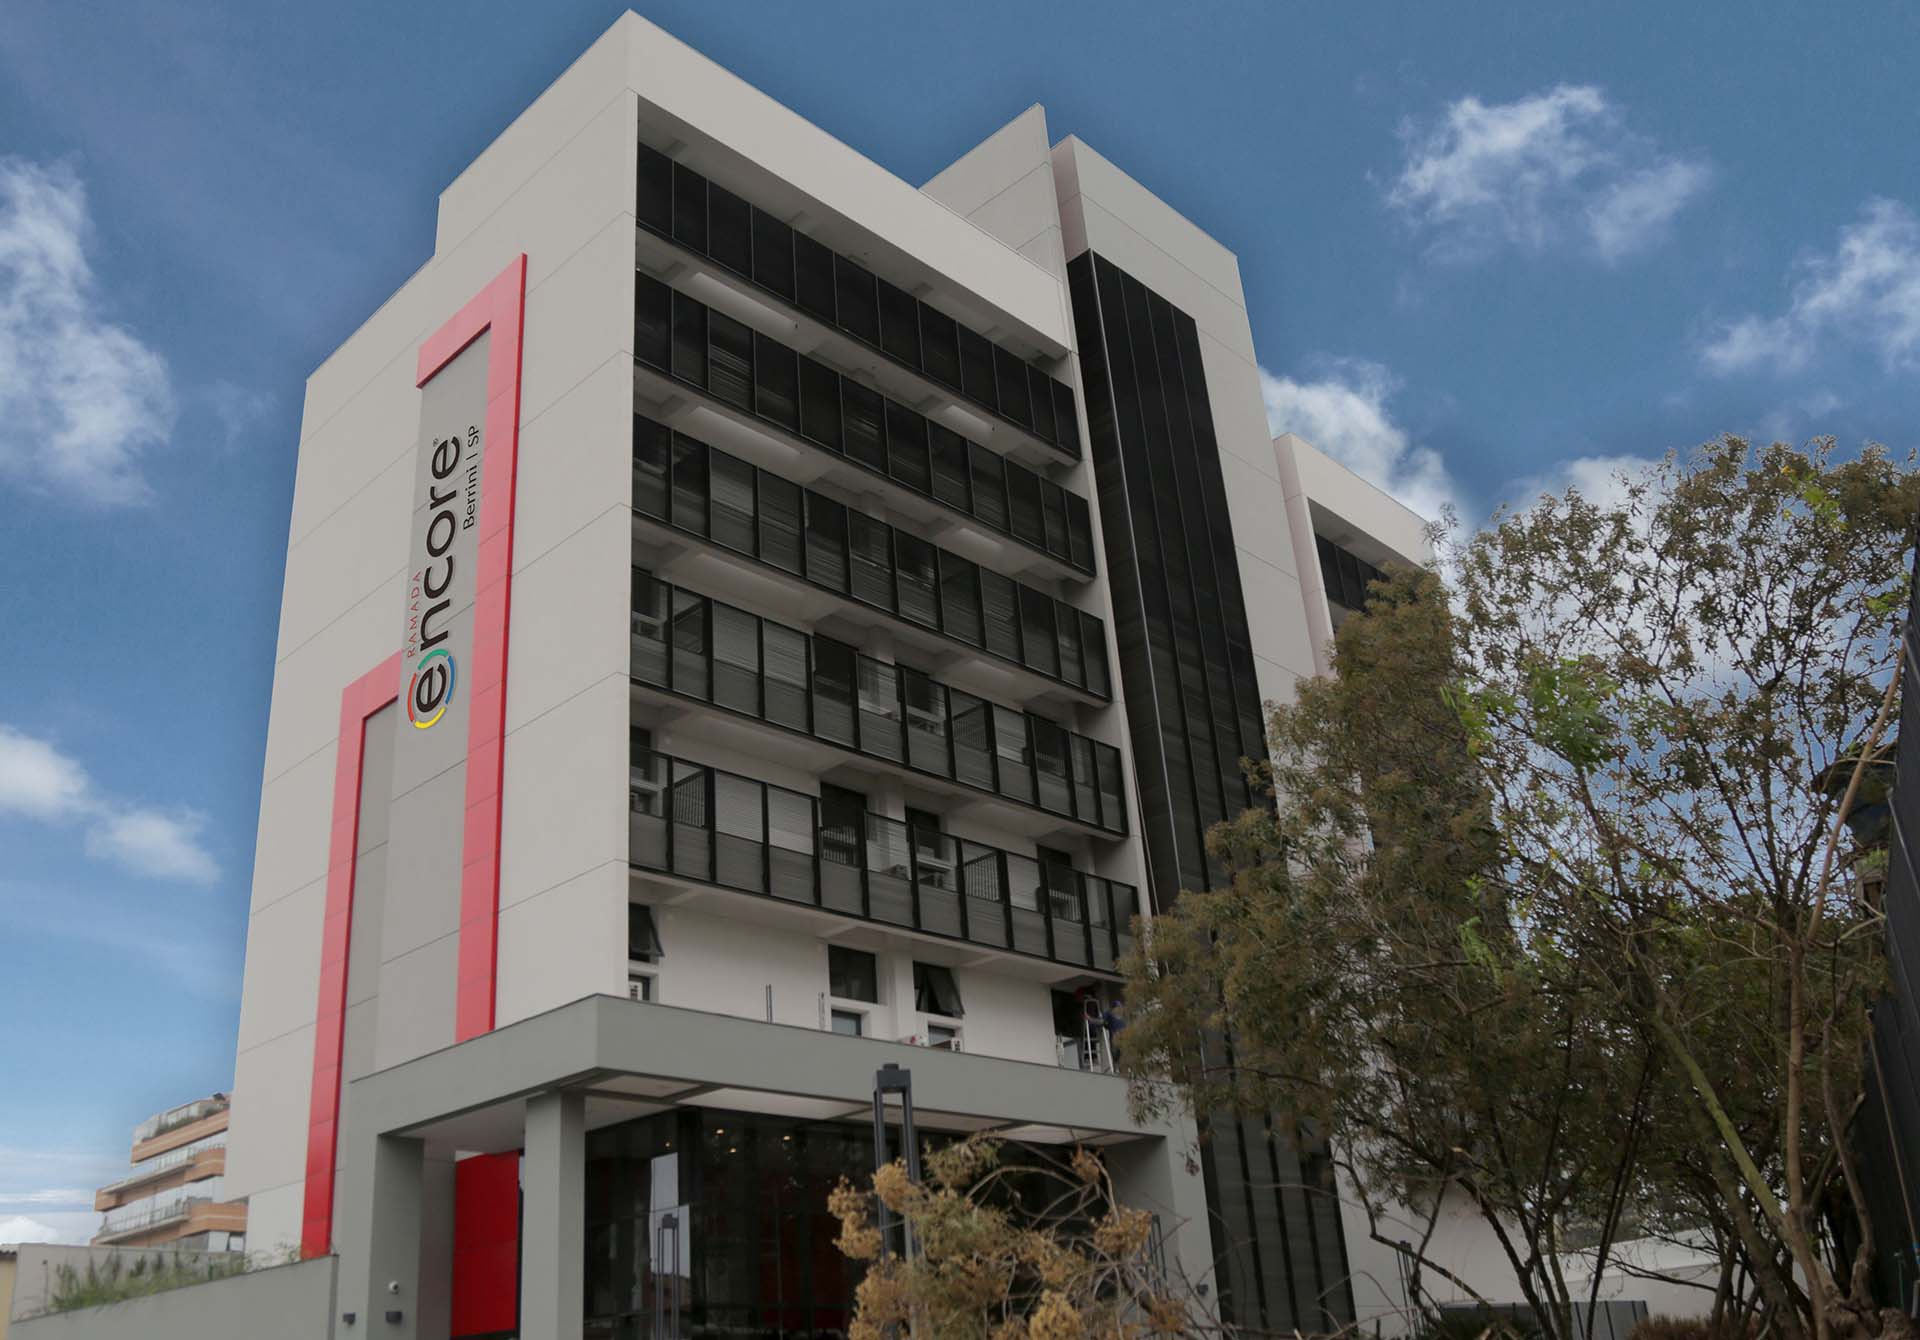 Fachada do Ramada Encore, novo empreendimento da Vert Hotéis em São Paulo